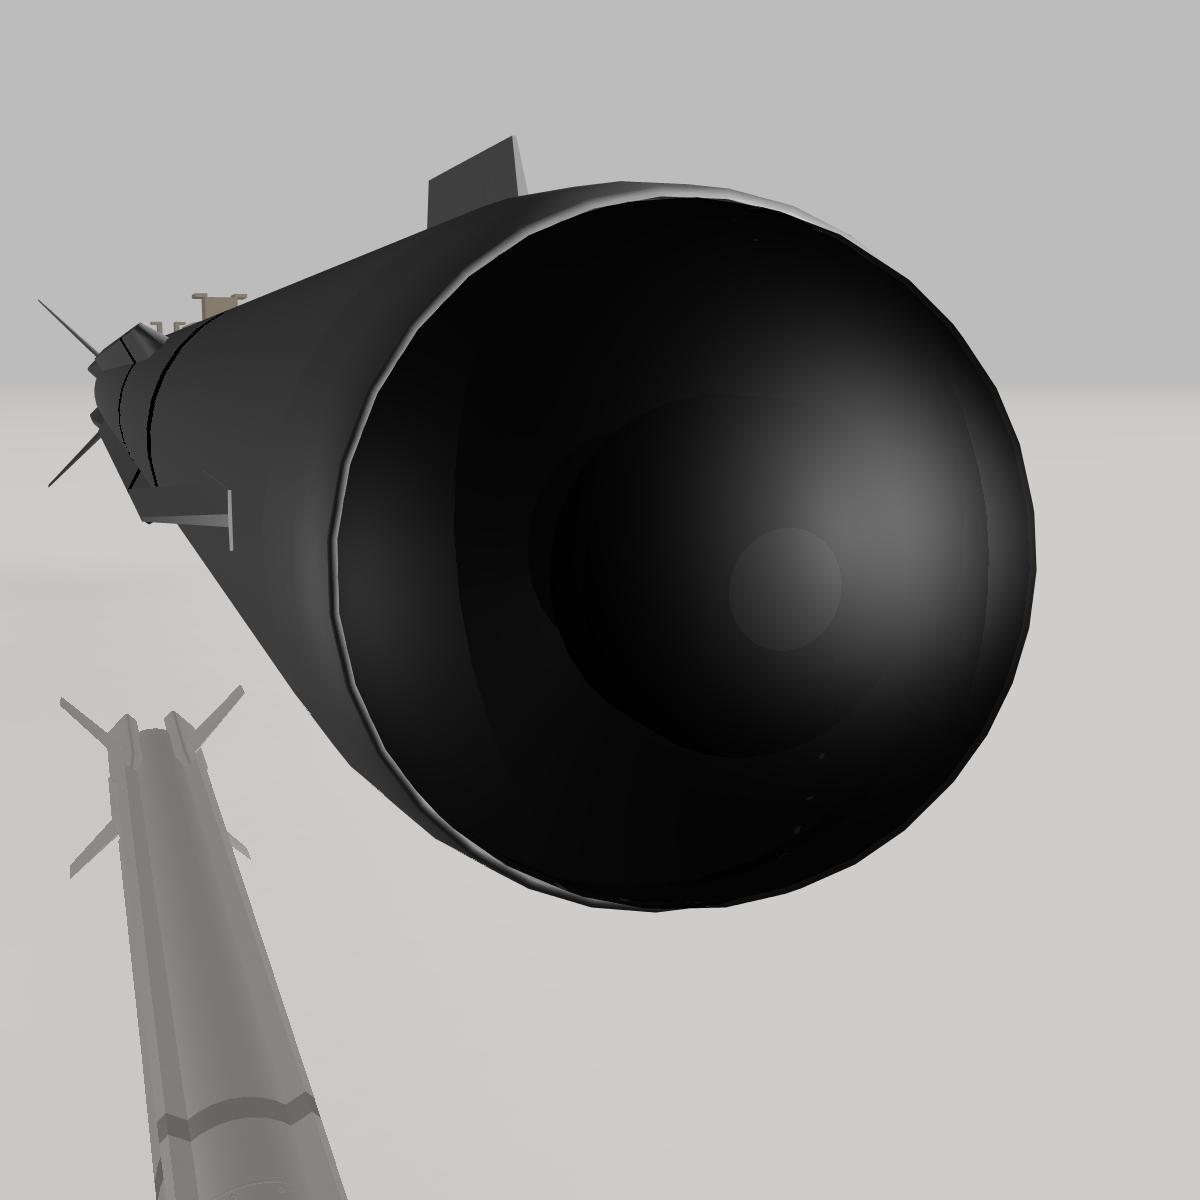 a-darter havadan havaya mərmi 3d modeli 3ds dxf cob x obj 151885